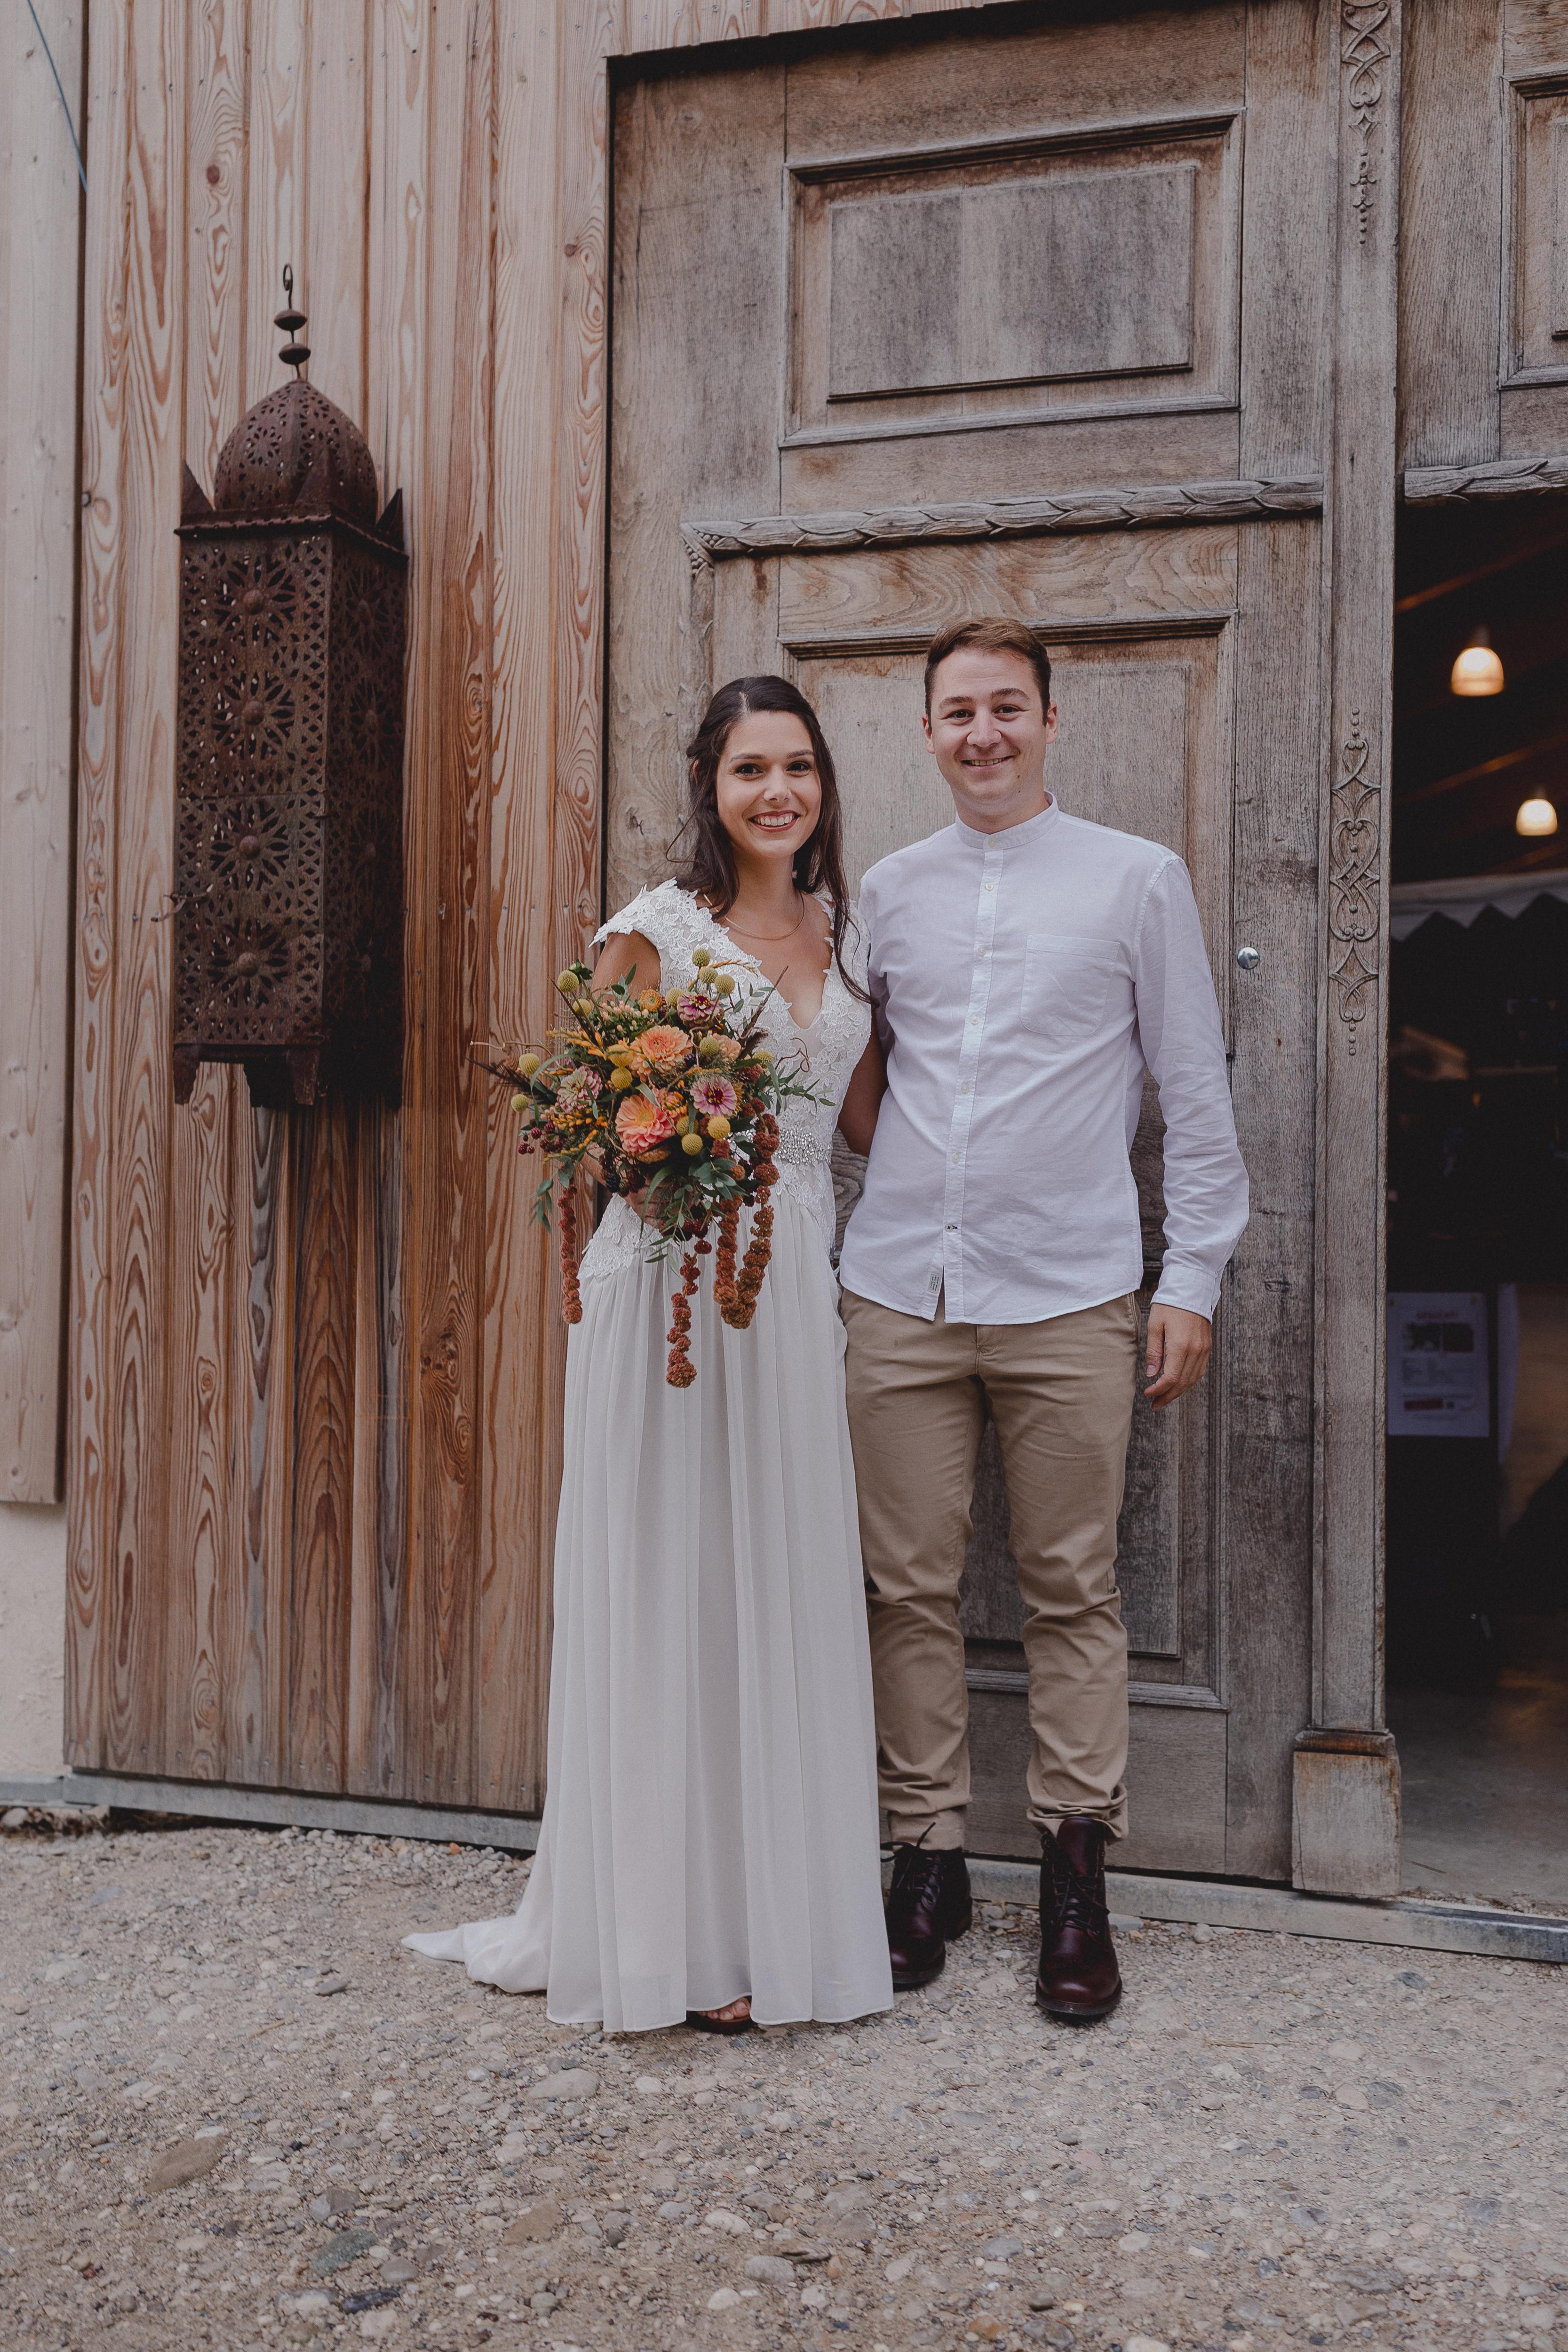 URBANERIE_Daniela_Goth_Vintage_Hochzeitsfotografin_Nuernberg_Fuerth_Erlangen_180721_0085